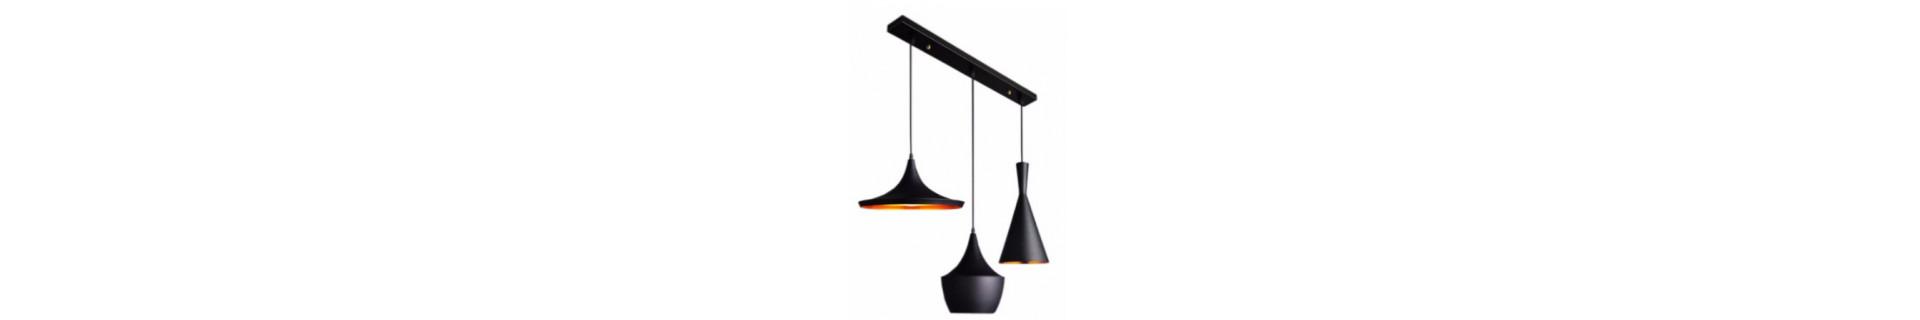 Oświetlenie loft - Lampy Wobako.pl